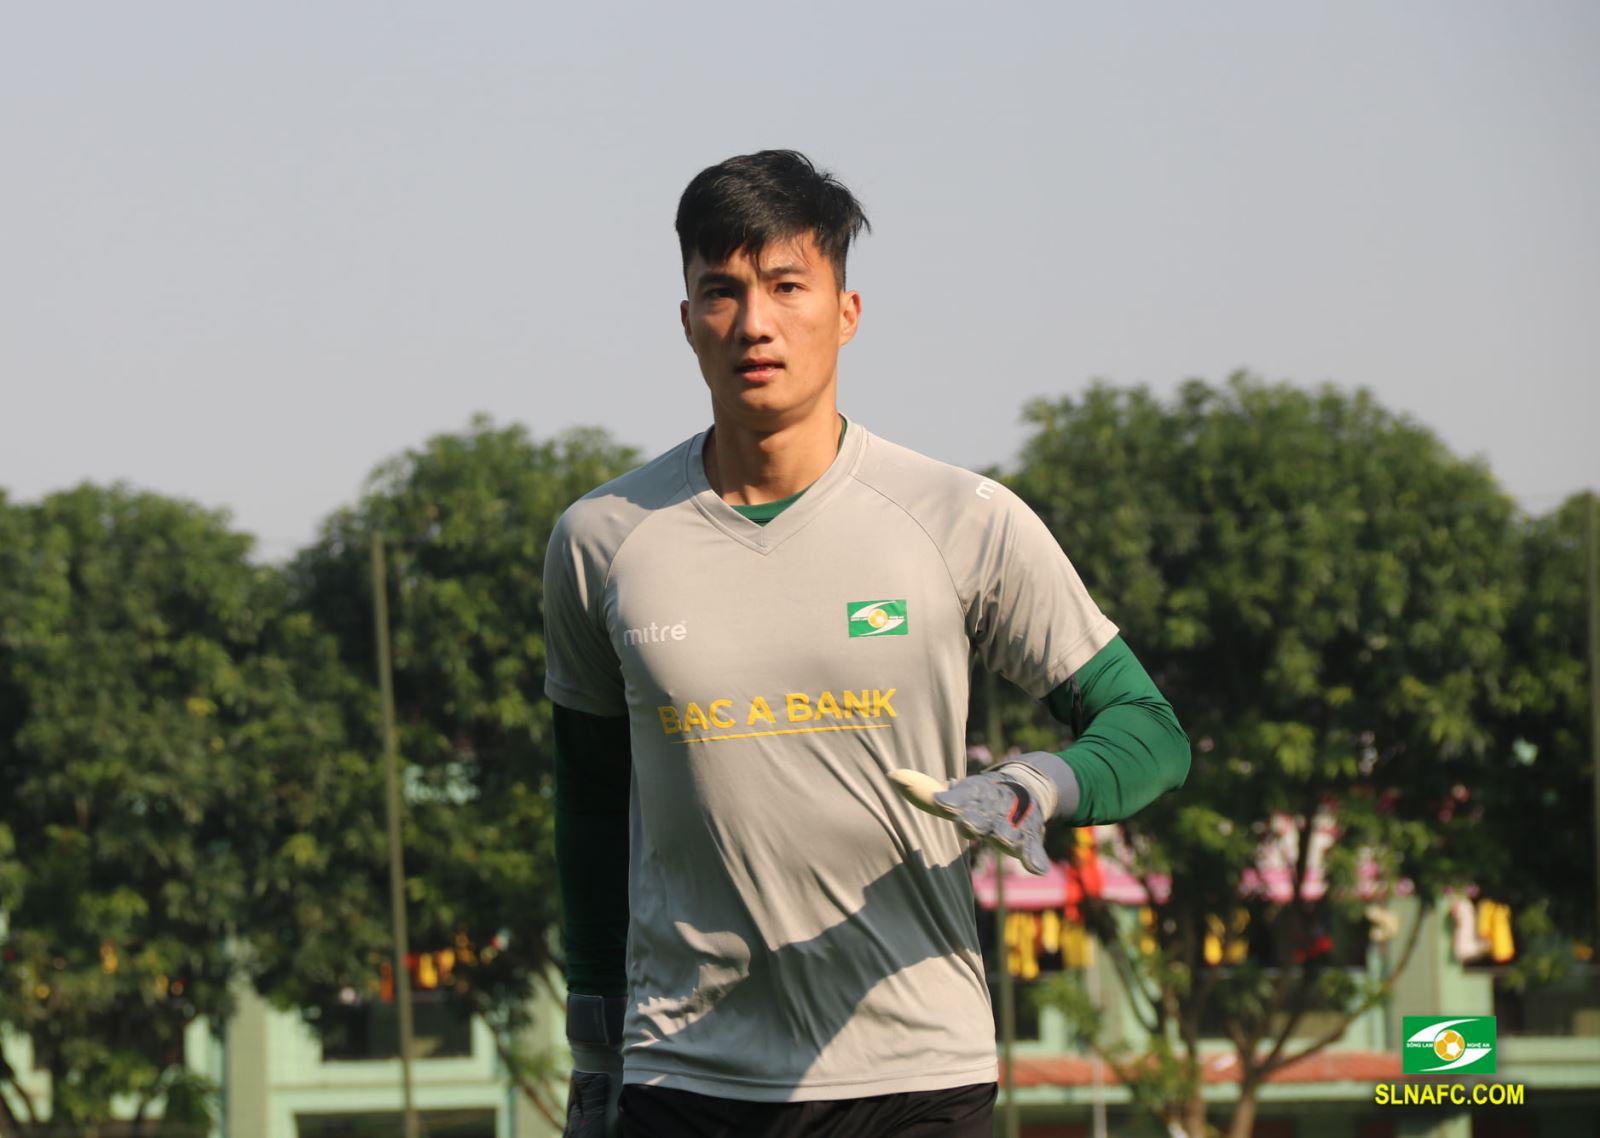 CHÍNH THỨC: Mất Nguyên Mạnh, SLNA cựu sao U23 Việt Nam về trấn giữ khung thành - Bóng Đá